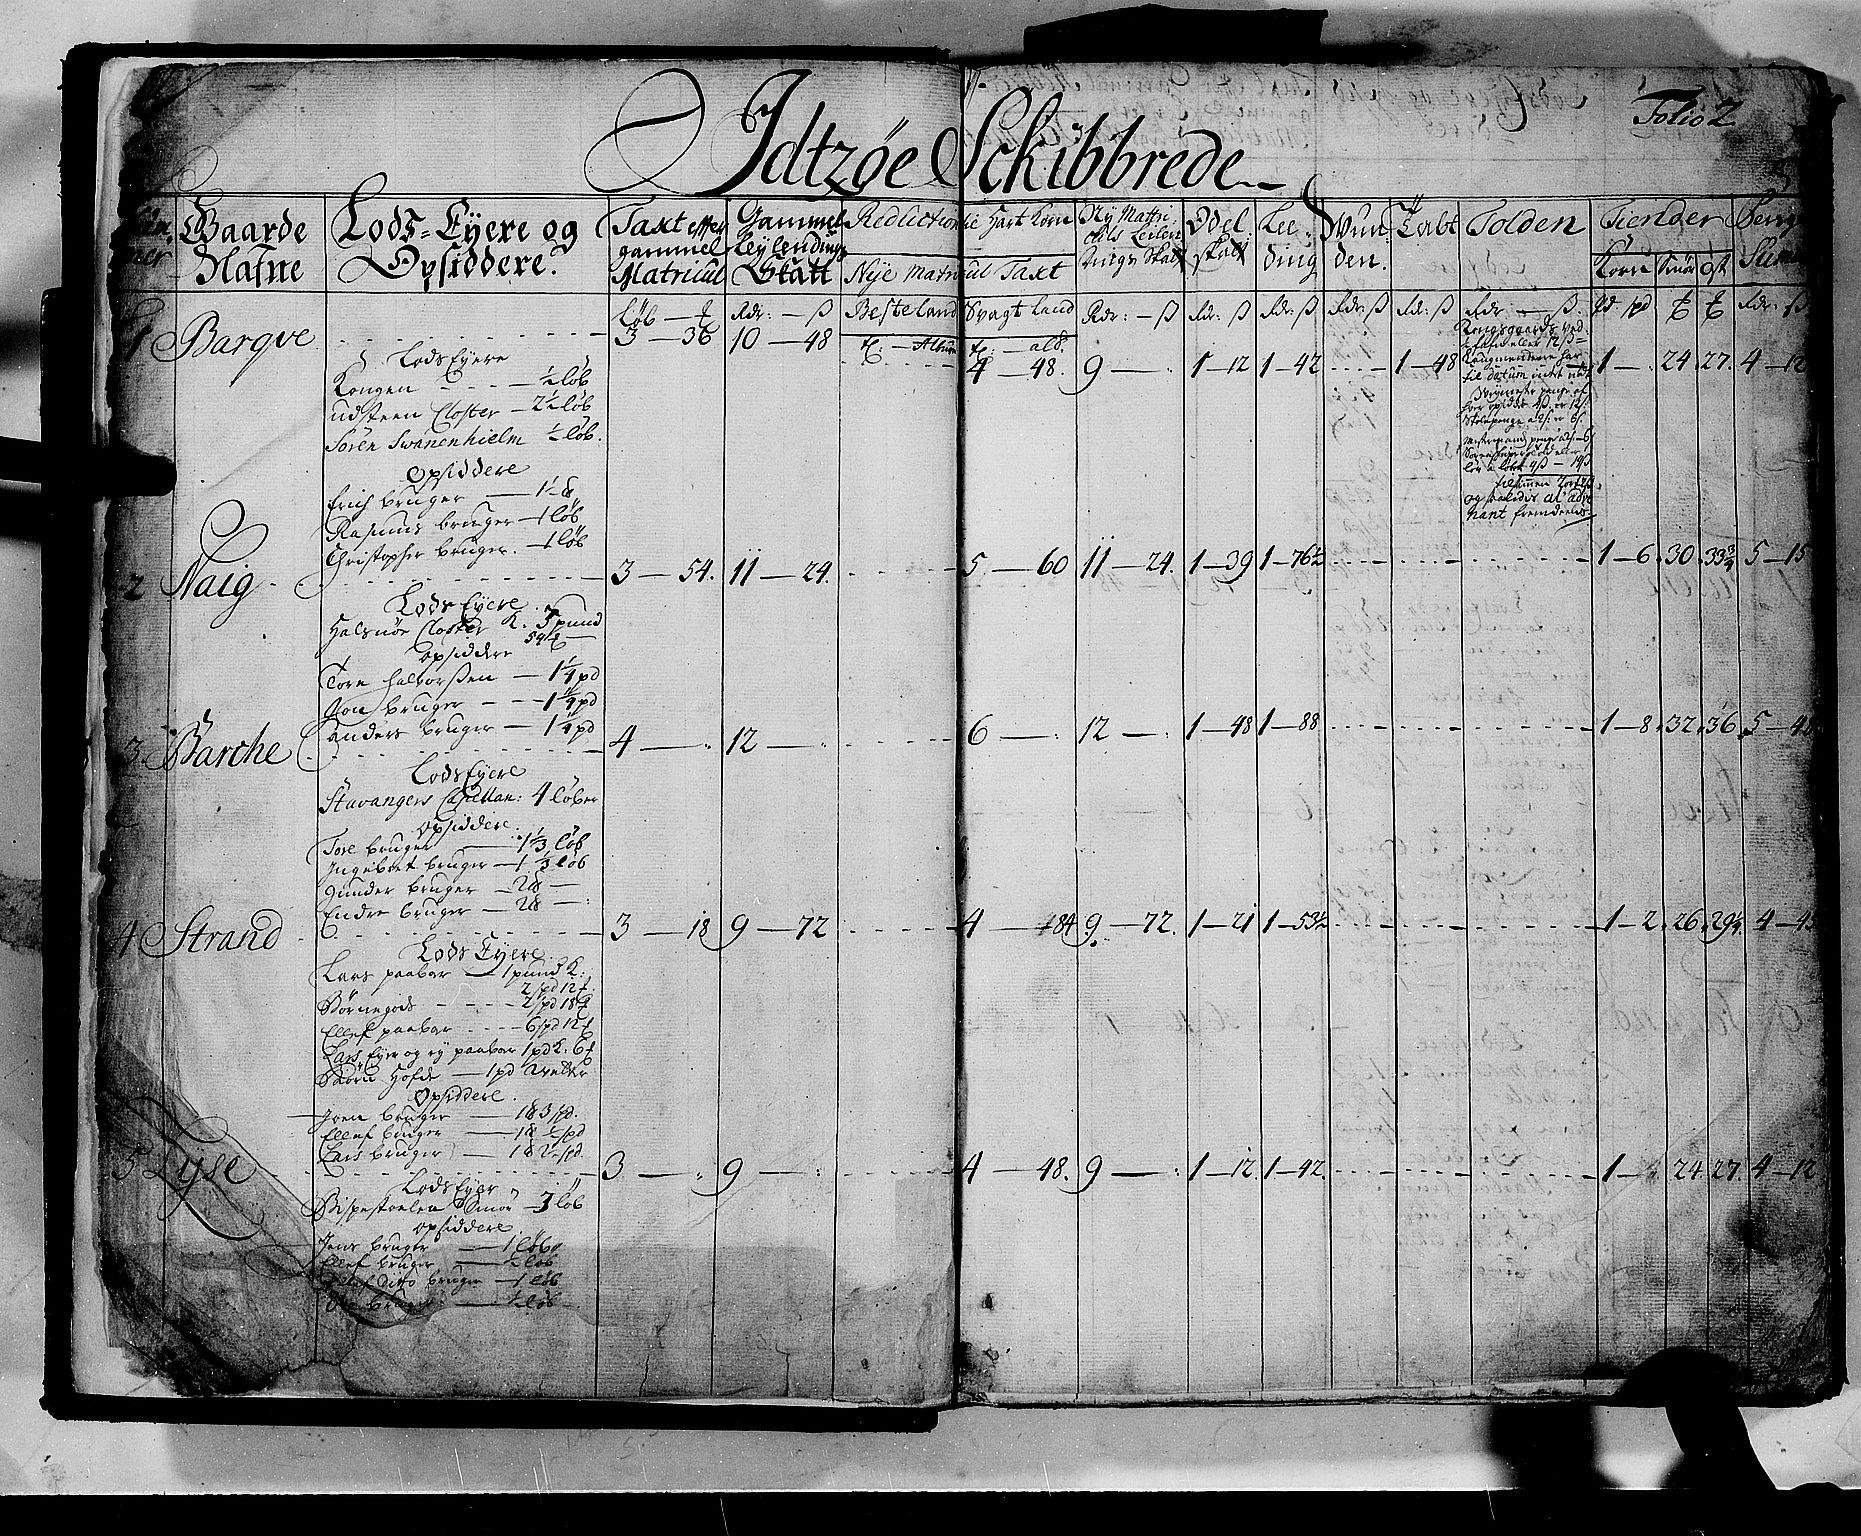 RA, Rentekammeret inntil 1814, Realistisk ordnet avdeling, N/Nb/Nbf/L0133b: Ryfylke matrikkelprotokoll, 1723, s. 1b-2a